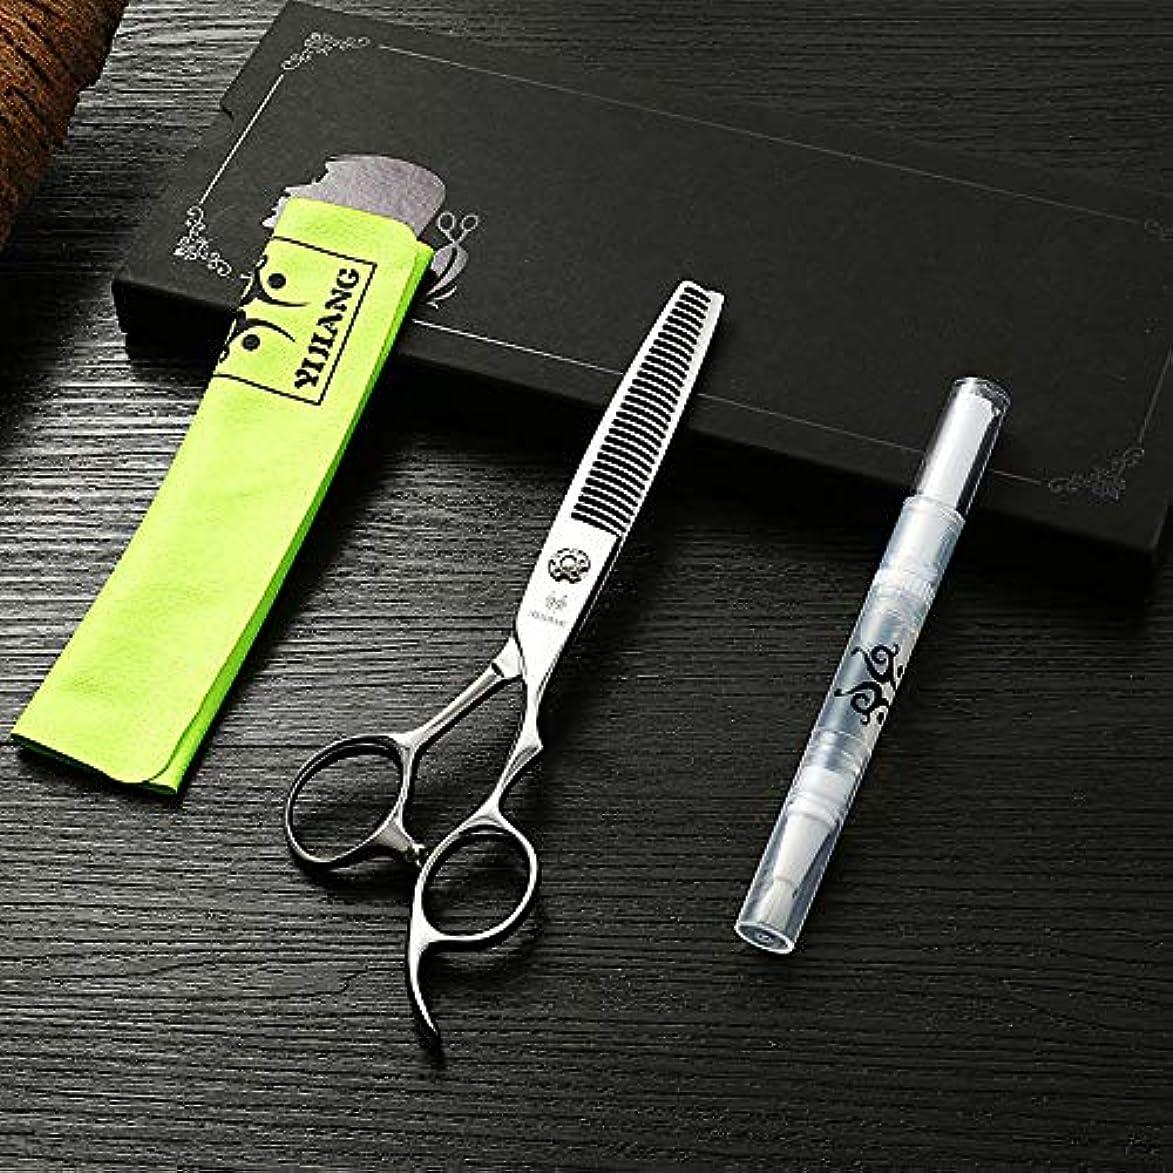 アッパー事実上夜ハイエンドのヘアスタイリスト440 C特別な髪のはさみ、6インチ散髪はさみ モデリングツール (色 : Silver)